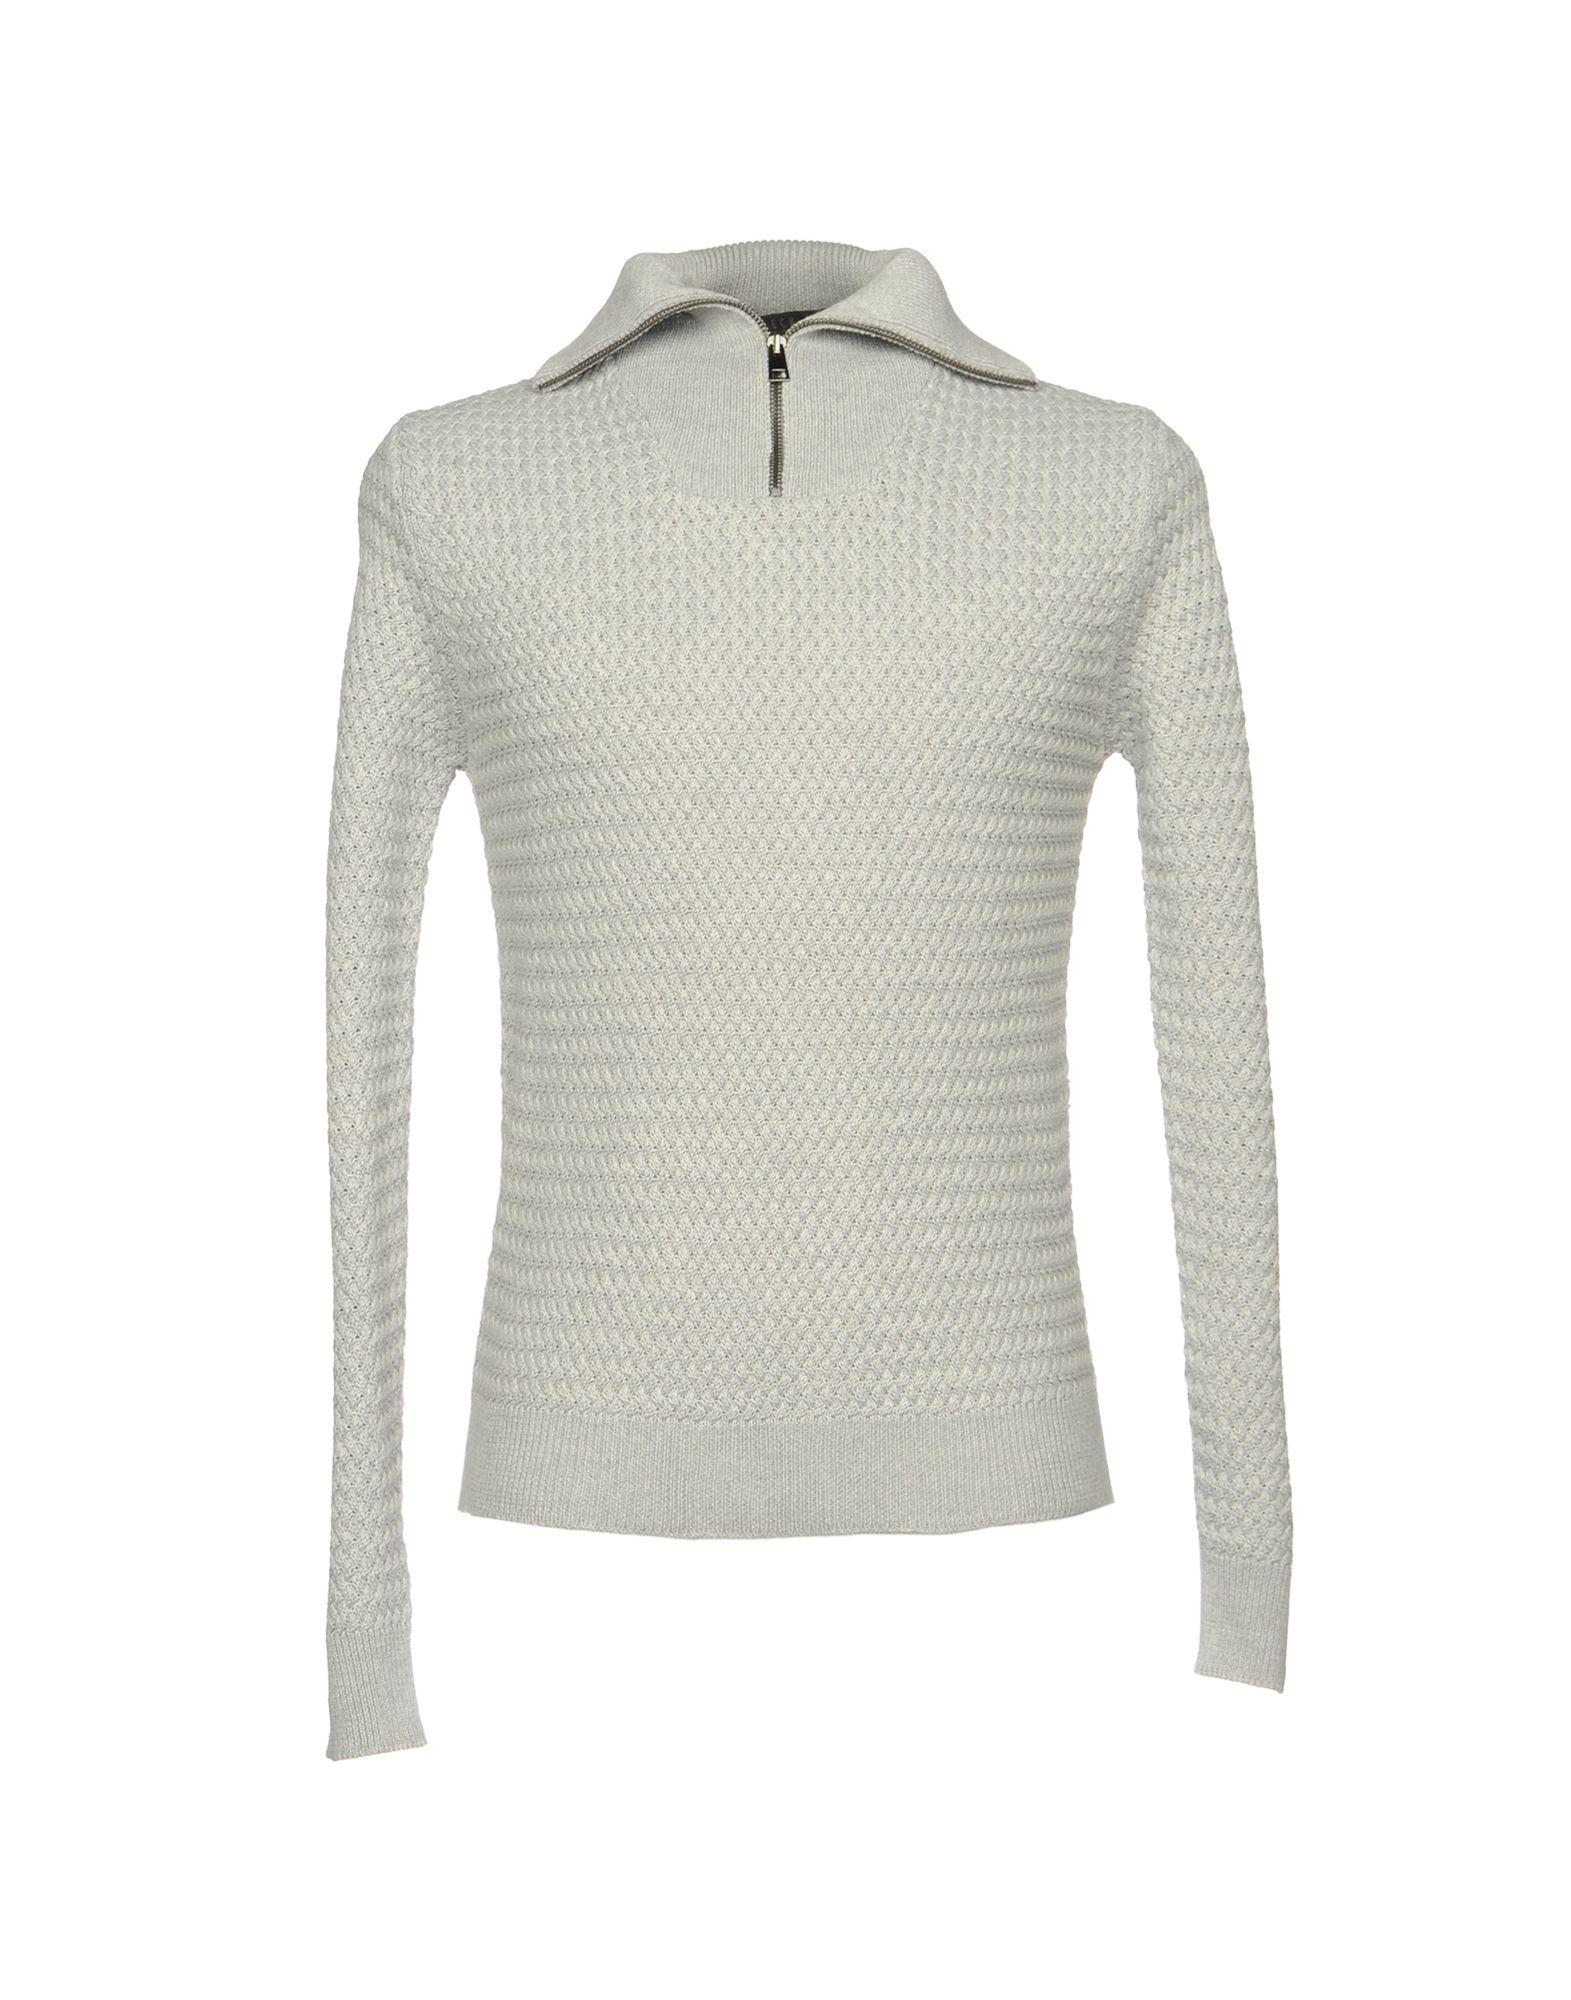 Fashion Shop - VNECK Turtlenecks - Item 39799784